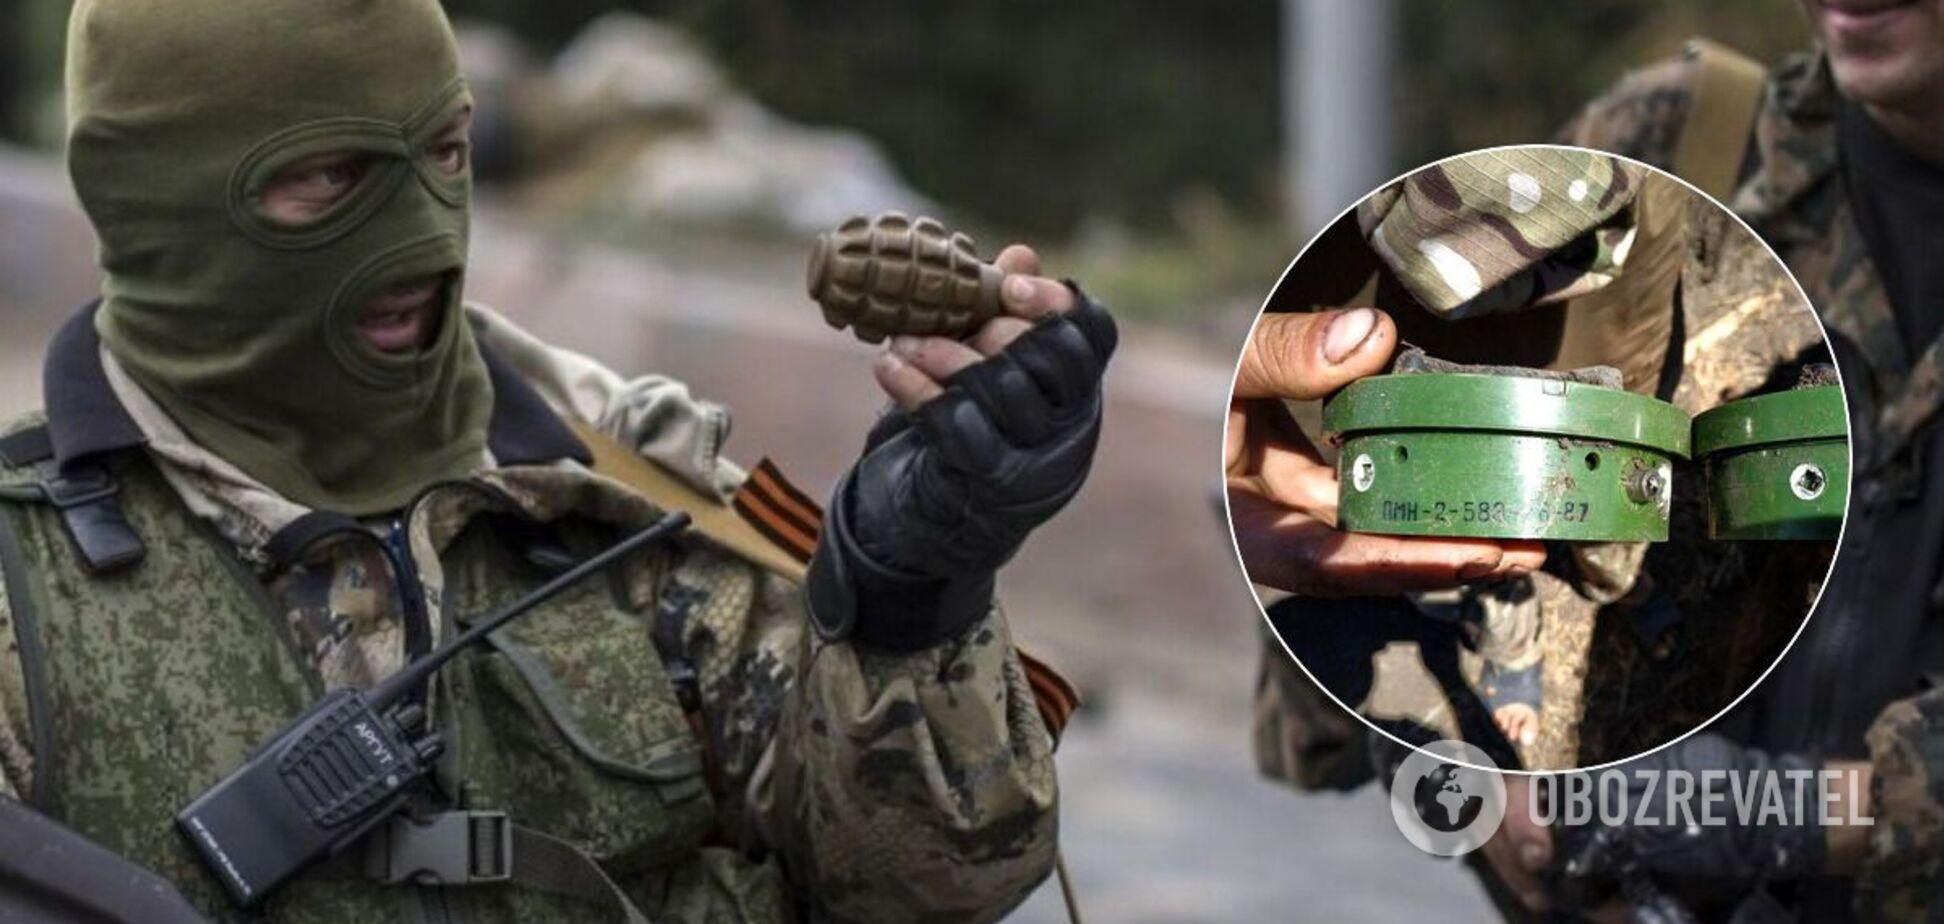 Терористи на Донбасі, прикриваючись режимом тиші, зміцнюють позиції – розвідка